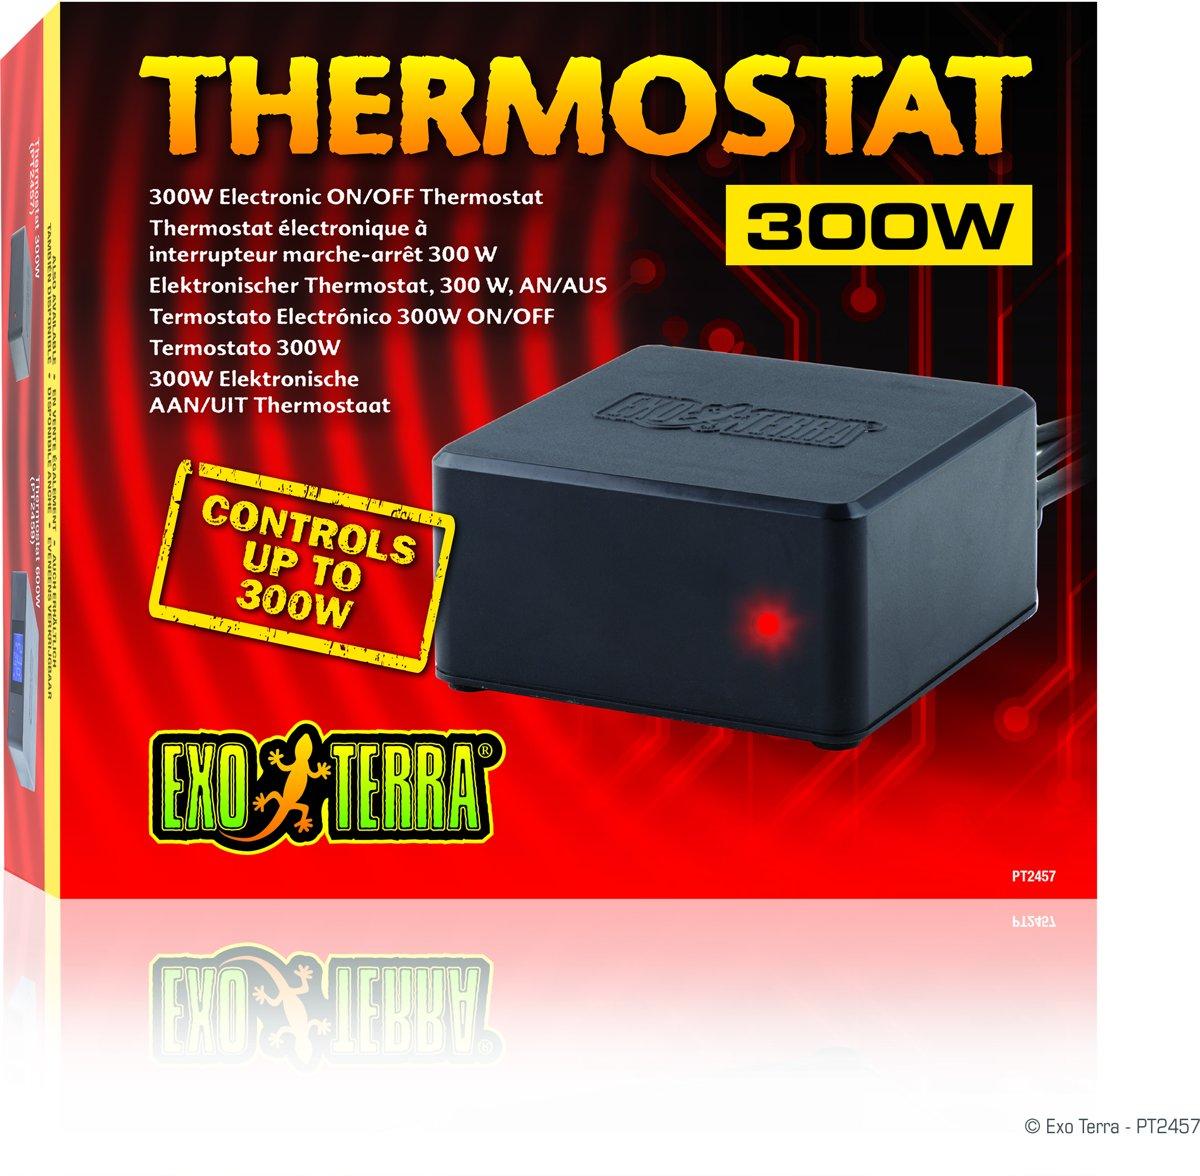 Exo Terra ELECTRONISCHE AAN/UIT THERMOSTAAT 300W